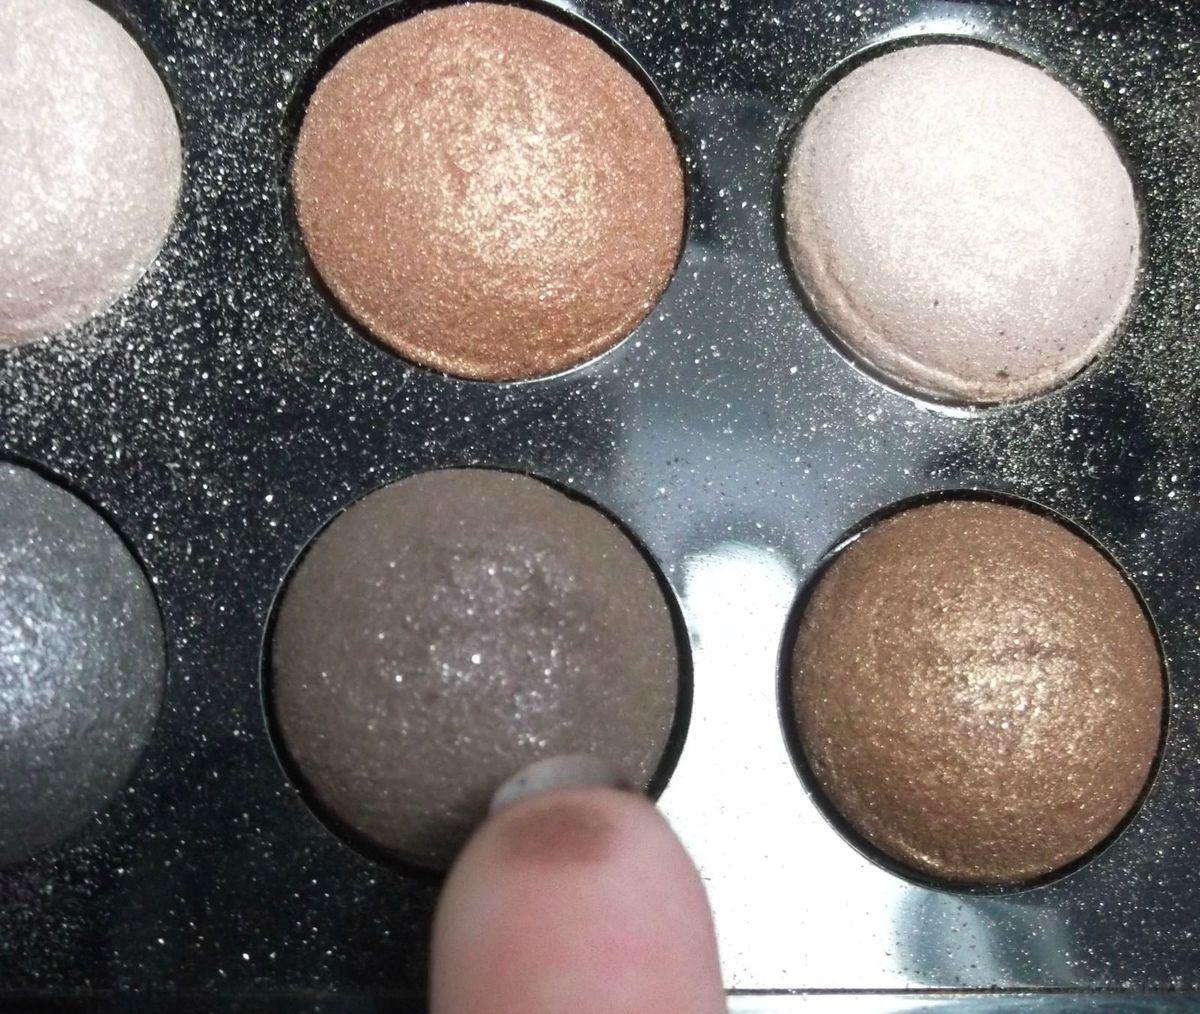 """La deuxième couleur utilisée est un brun foncé irisé mais comme tout a l'heure vous pouvez prendre du violet, du brun mat,irisé n'importe quel couleur foncée. /!\ si vous avez choisis une couleur irisé en """"base"""" il faut que vous preniez une couleur irisé en deuxième et vise versa"""